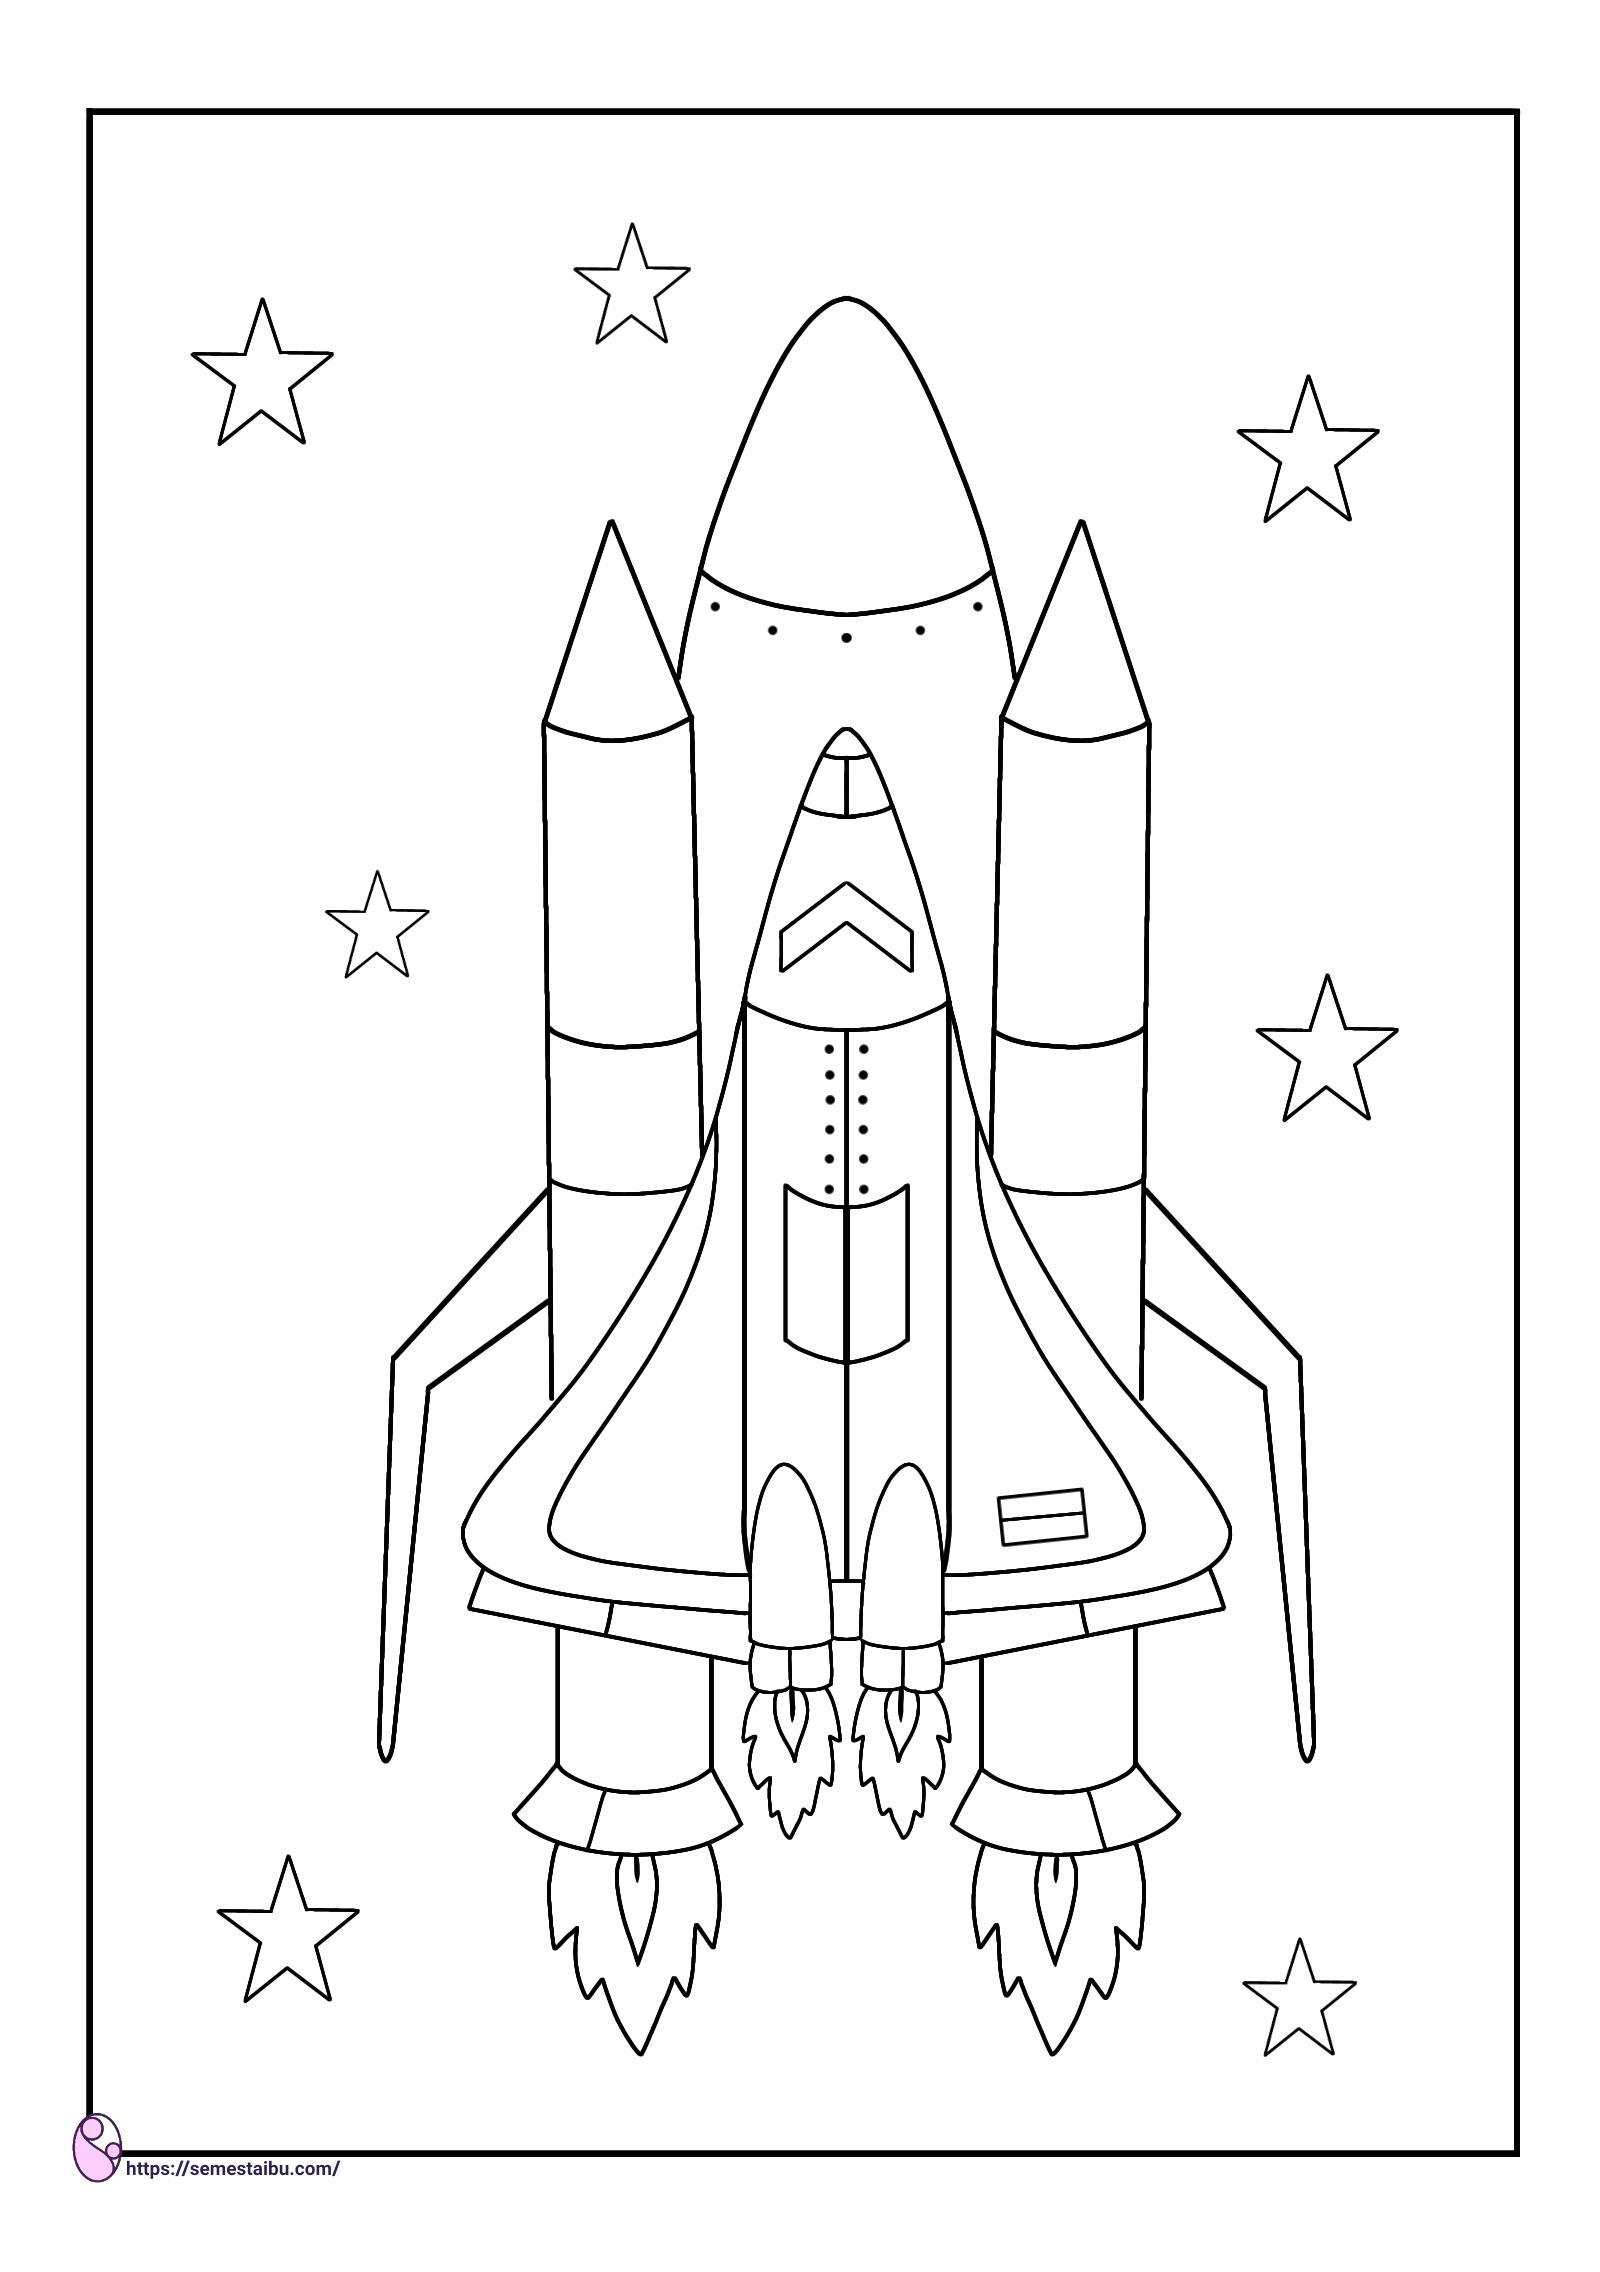 Gambar mewarnai - roket - kendaraan